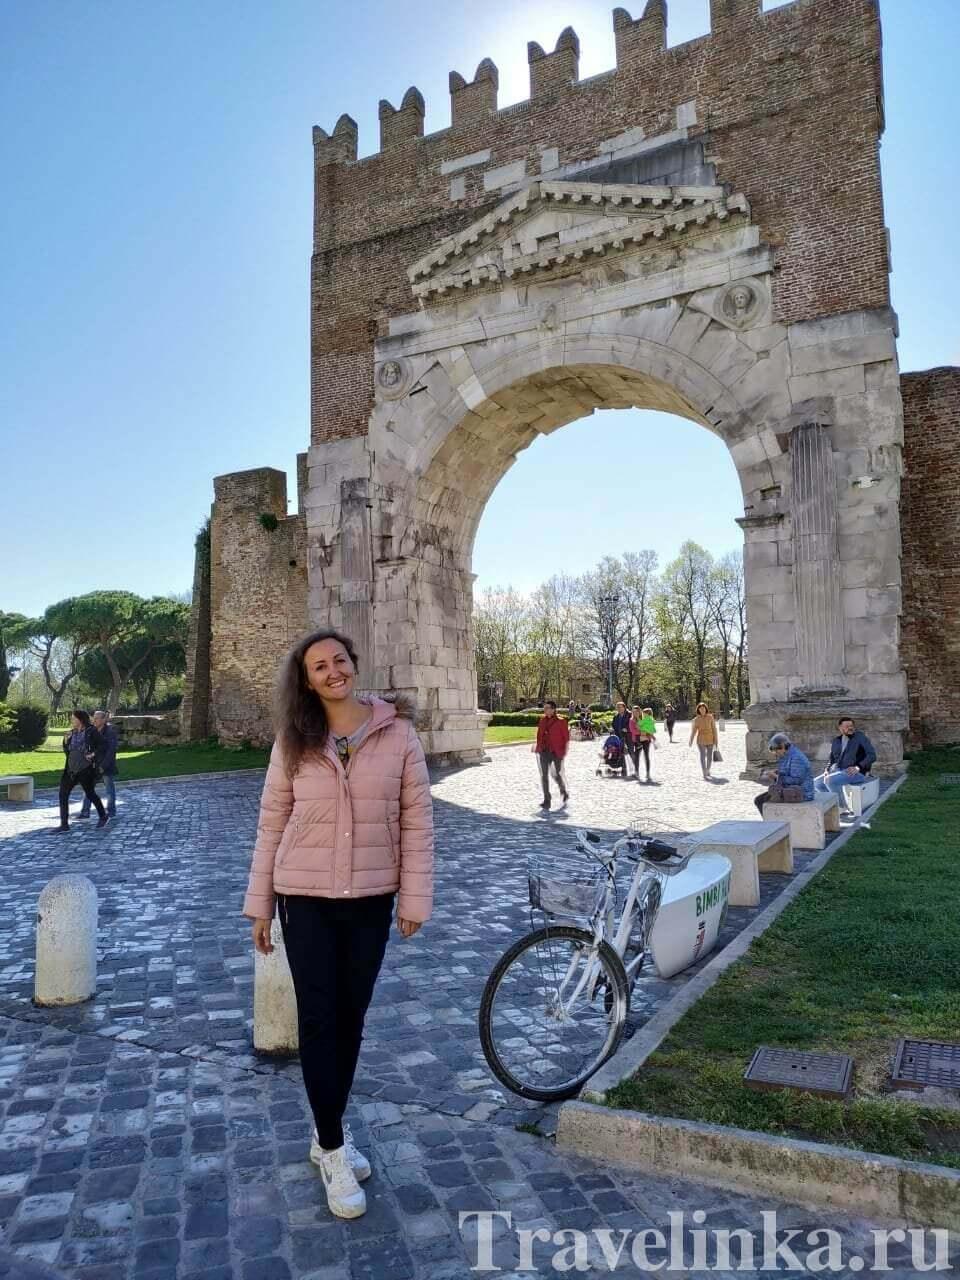 Достопримечательности Римини, Италия